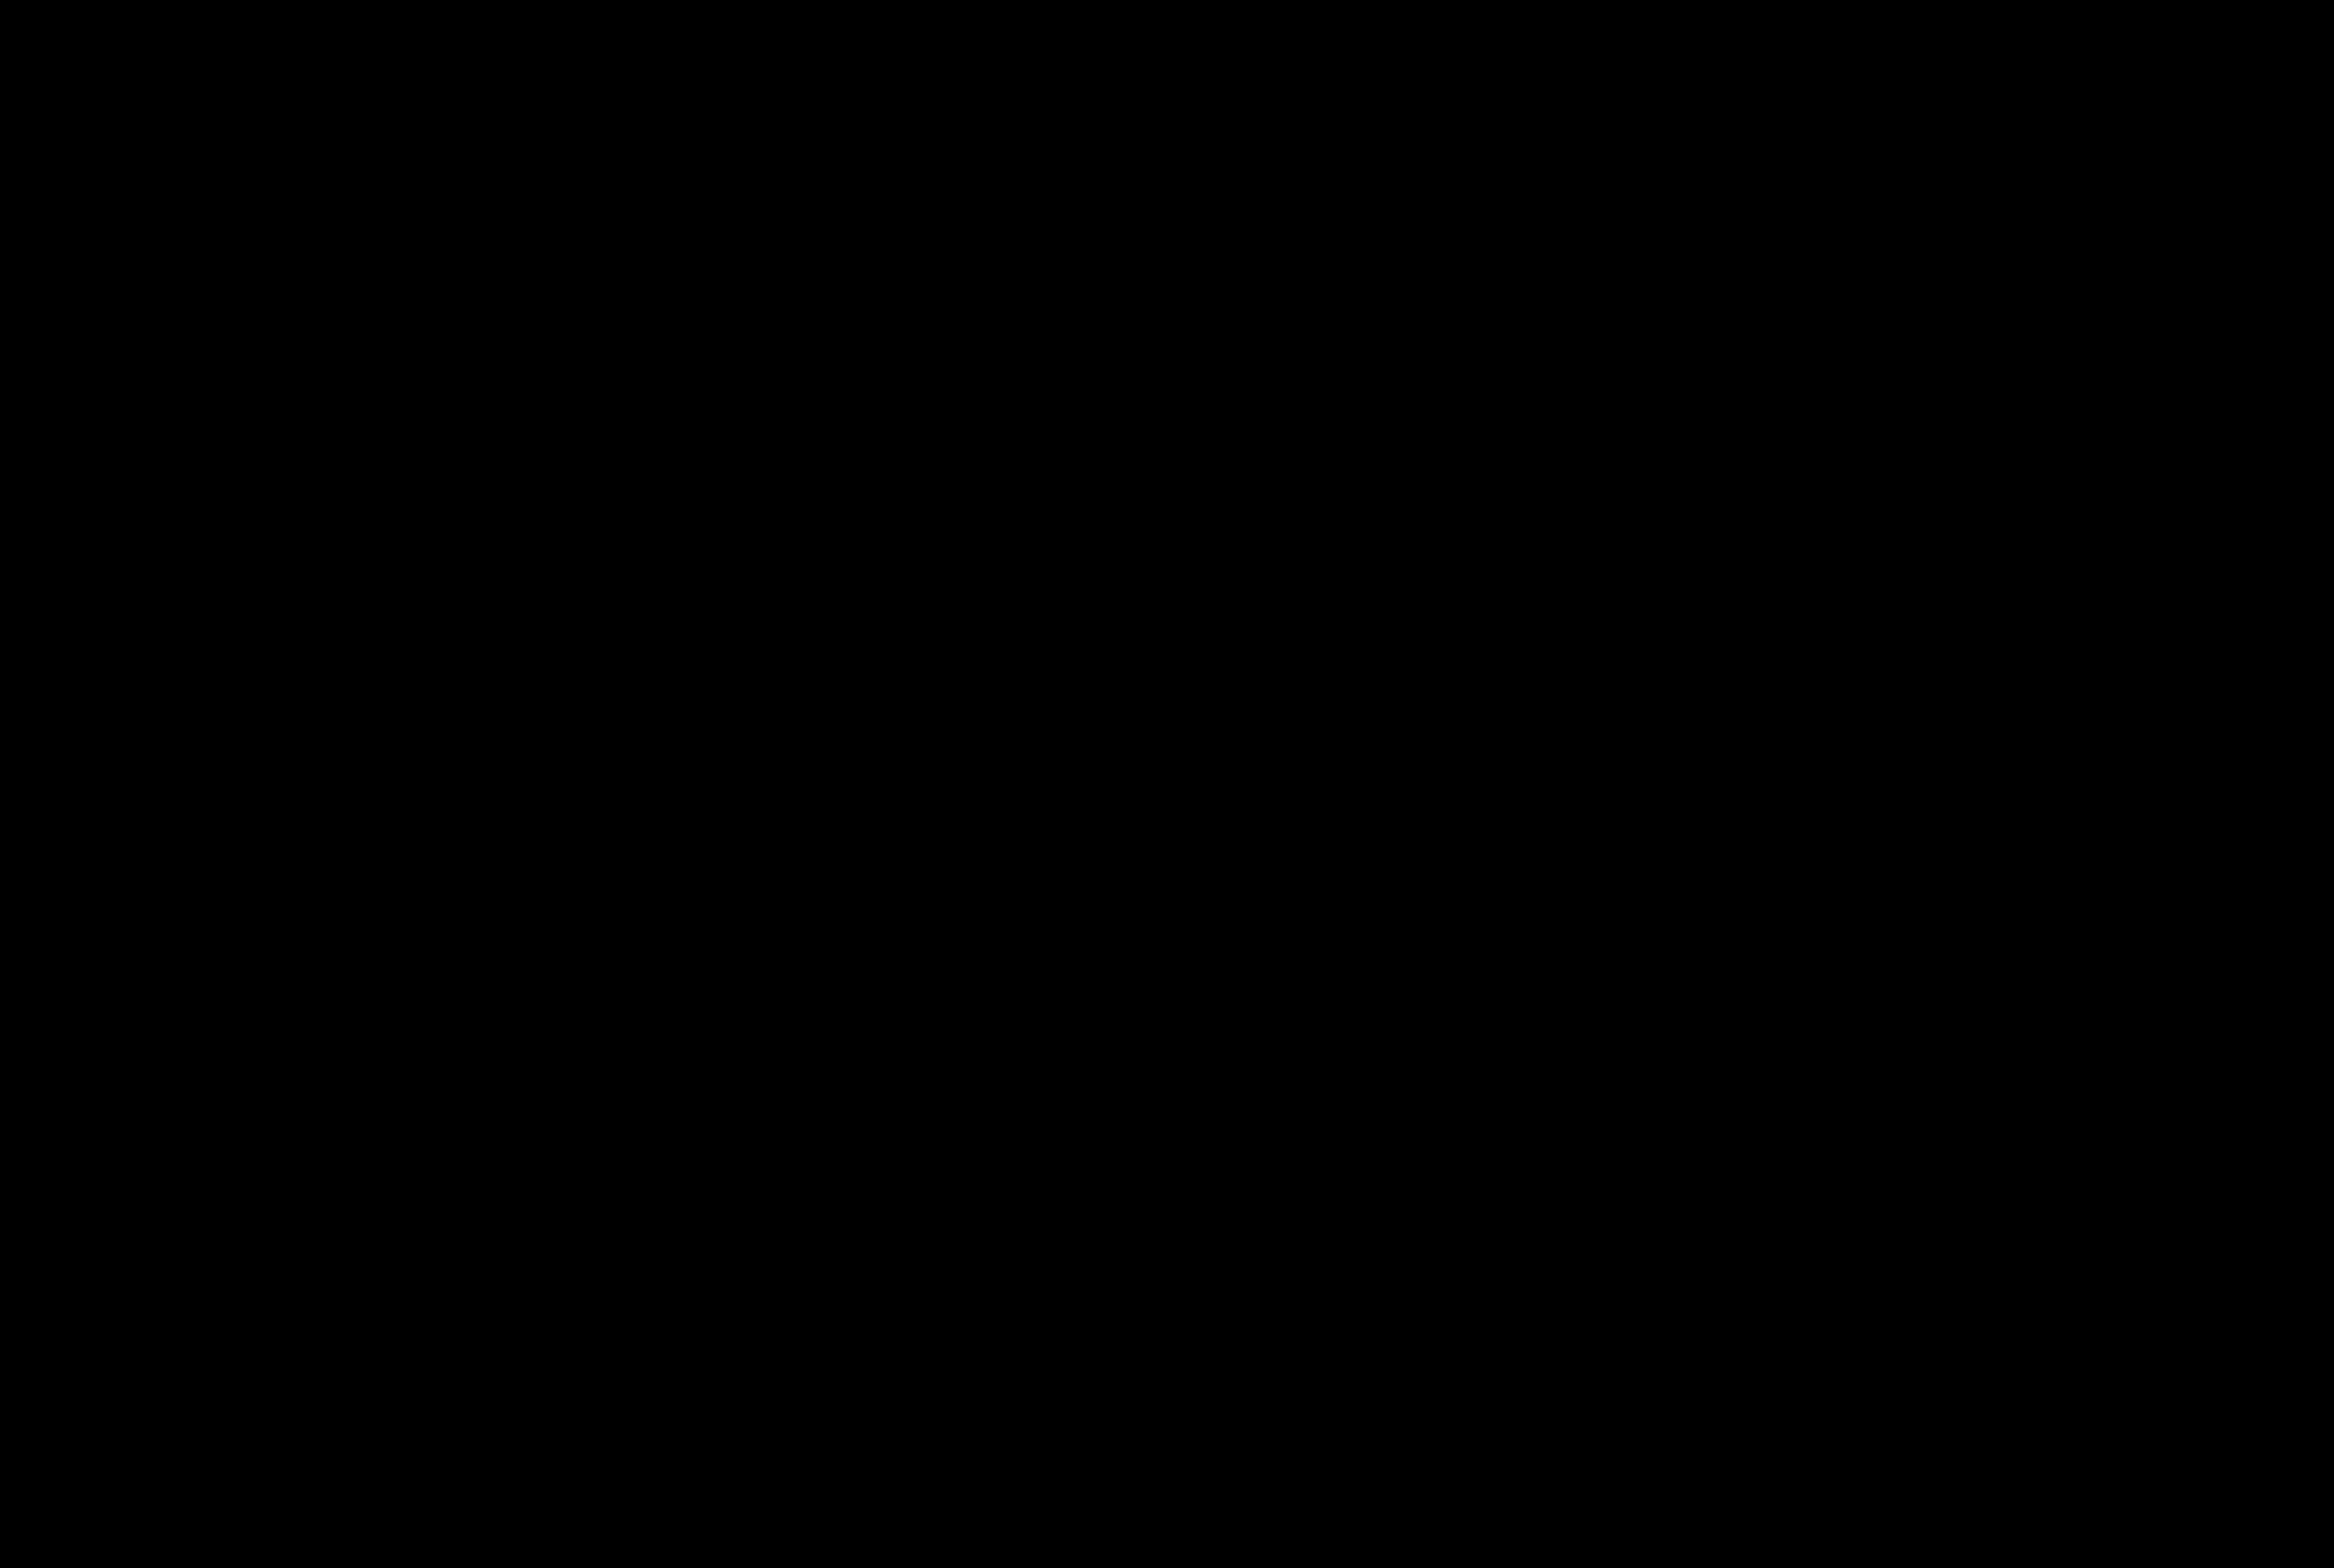 Abarelix